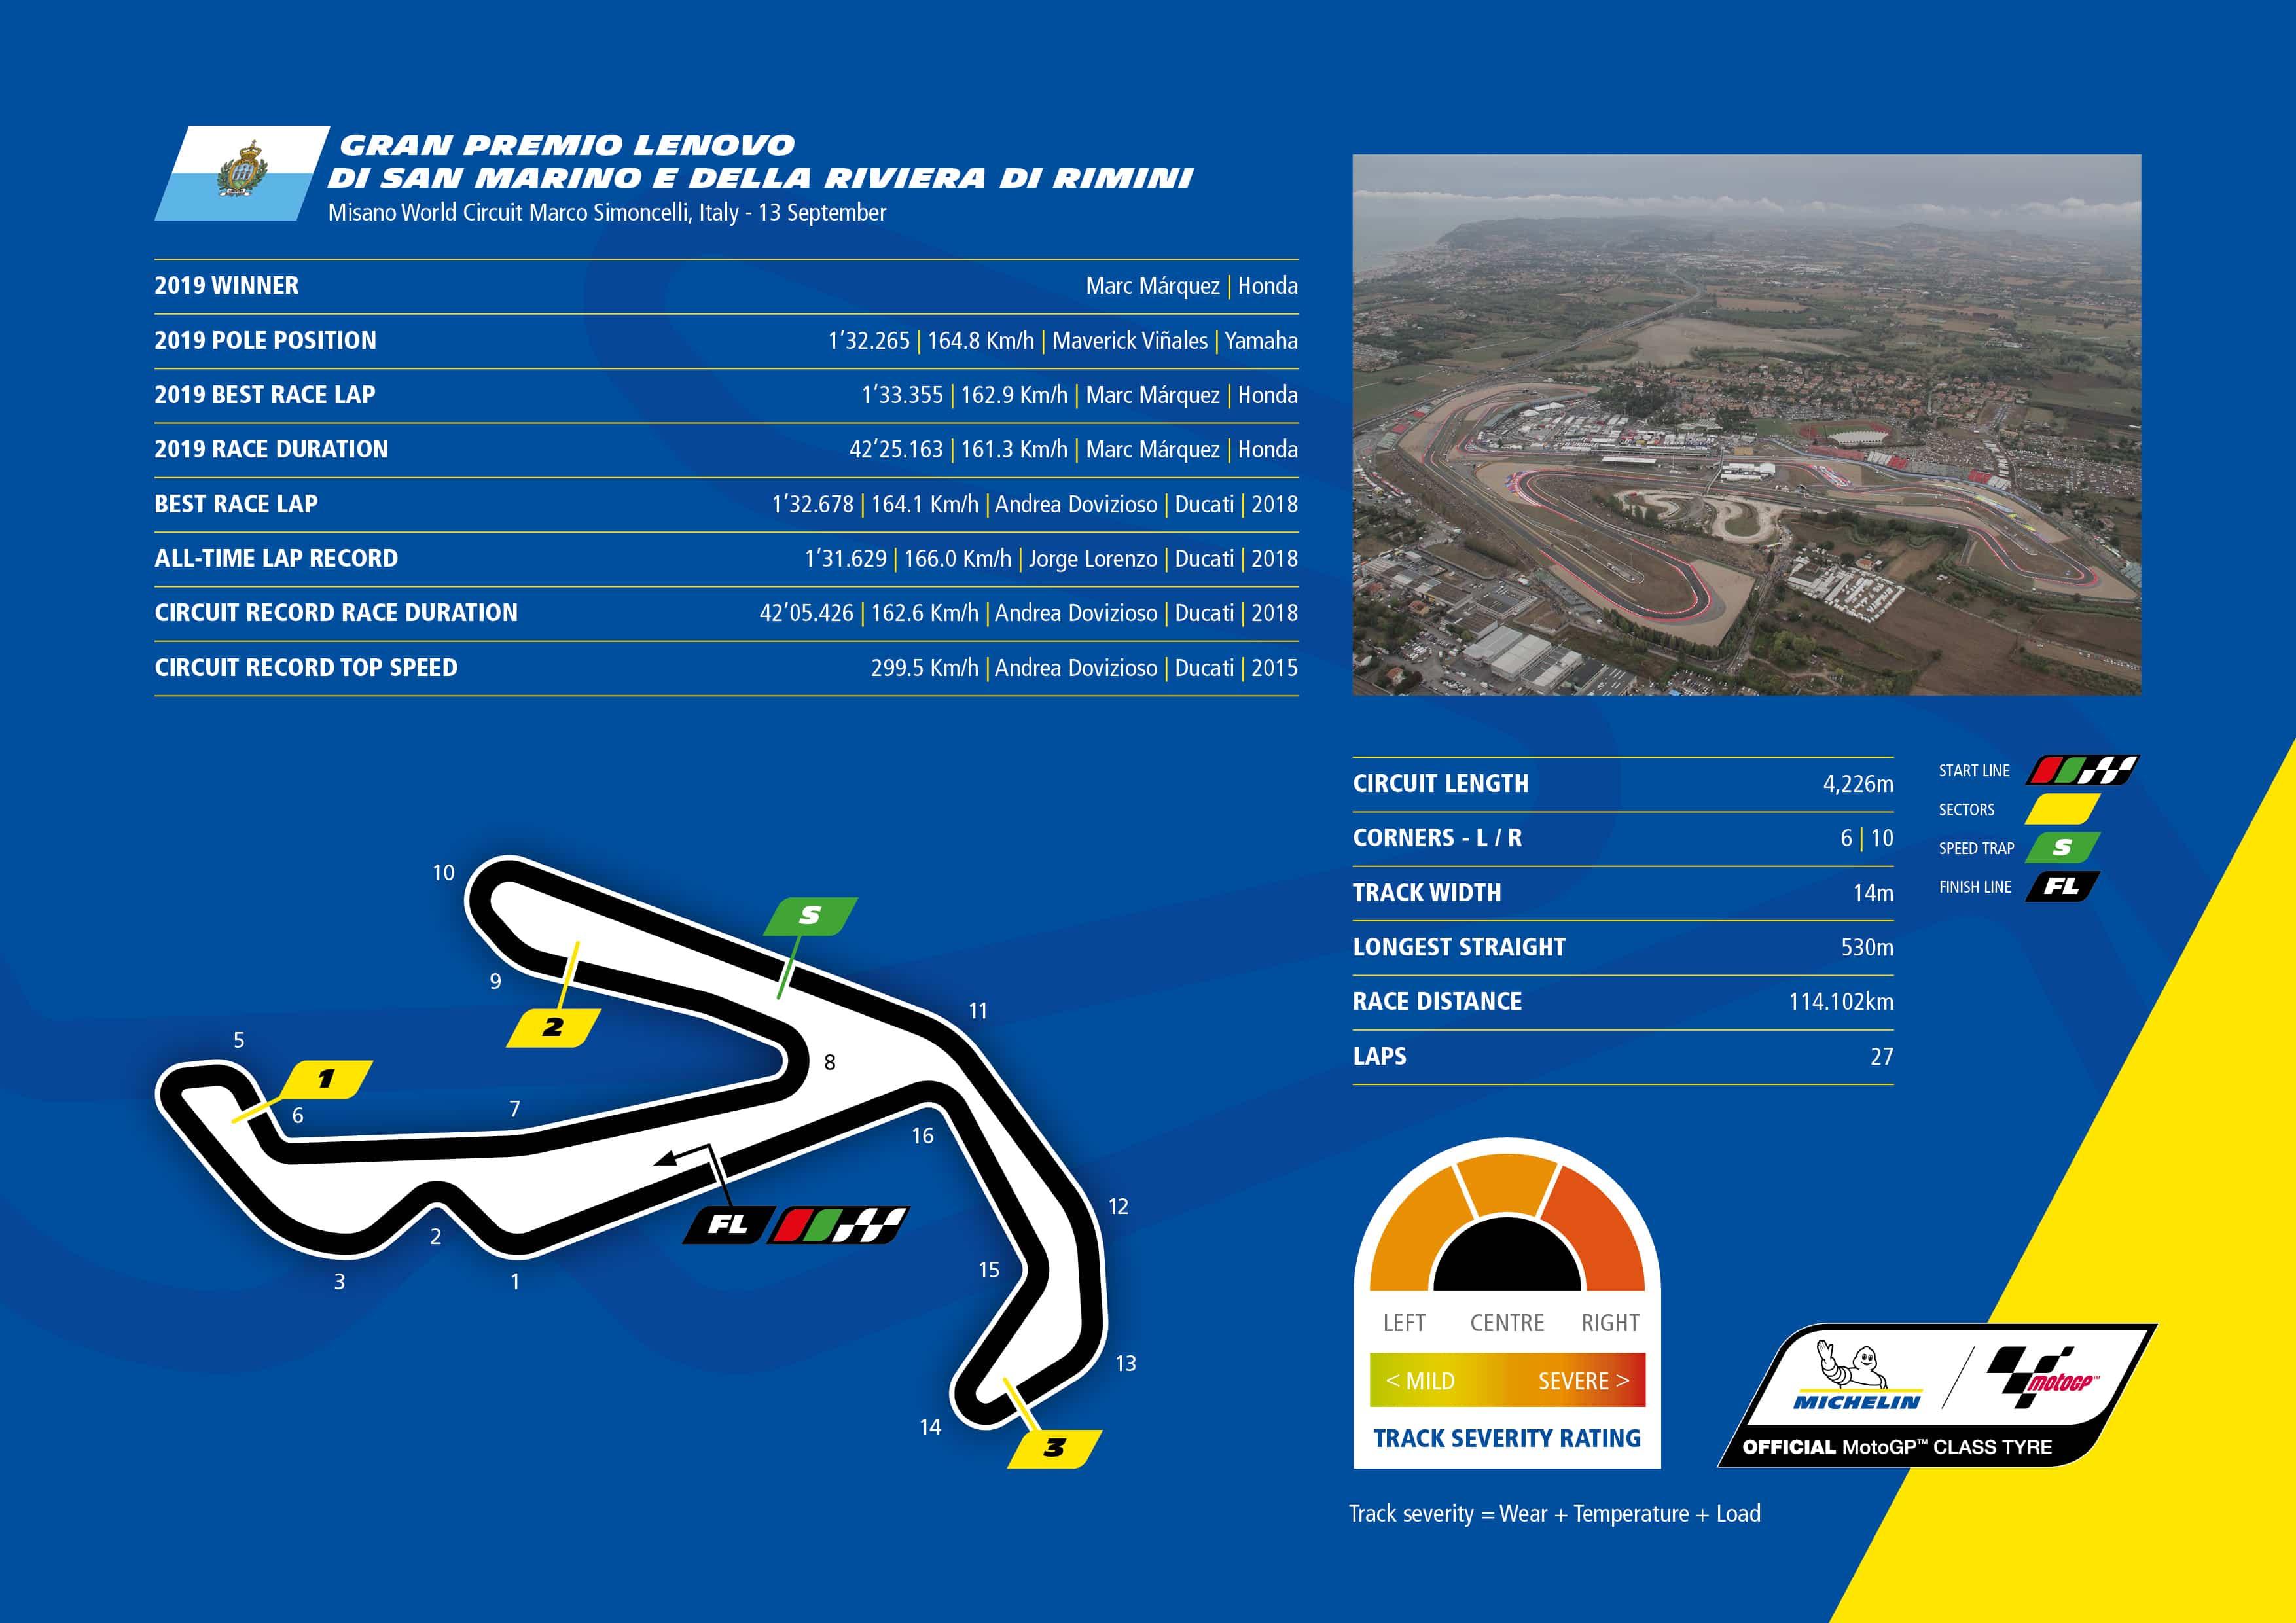 ミシュラン サンマリノプレビュー/ミサノで 2 週連続の 5 レースに挑む